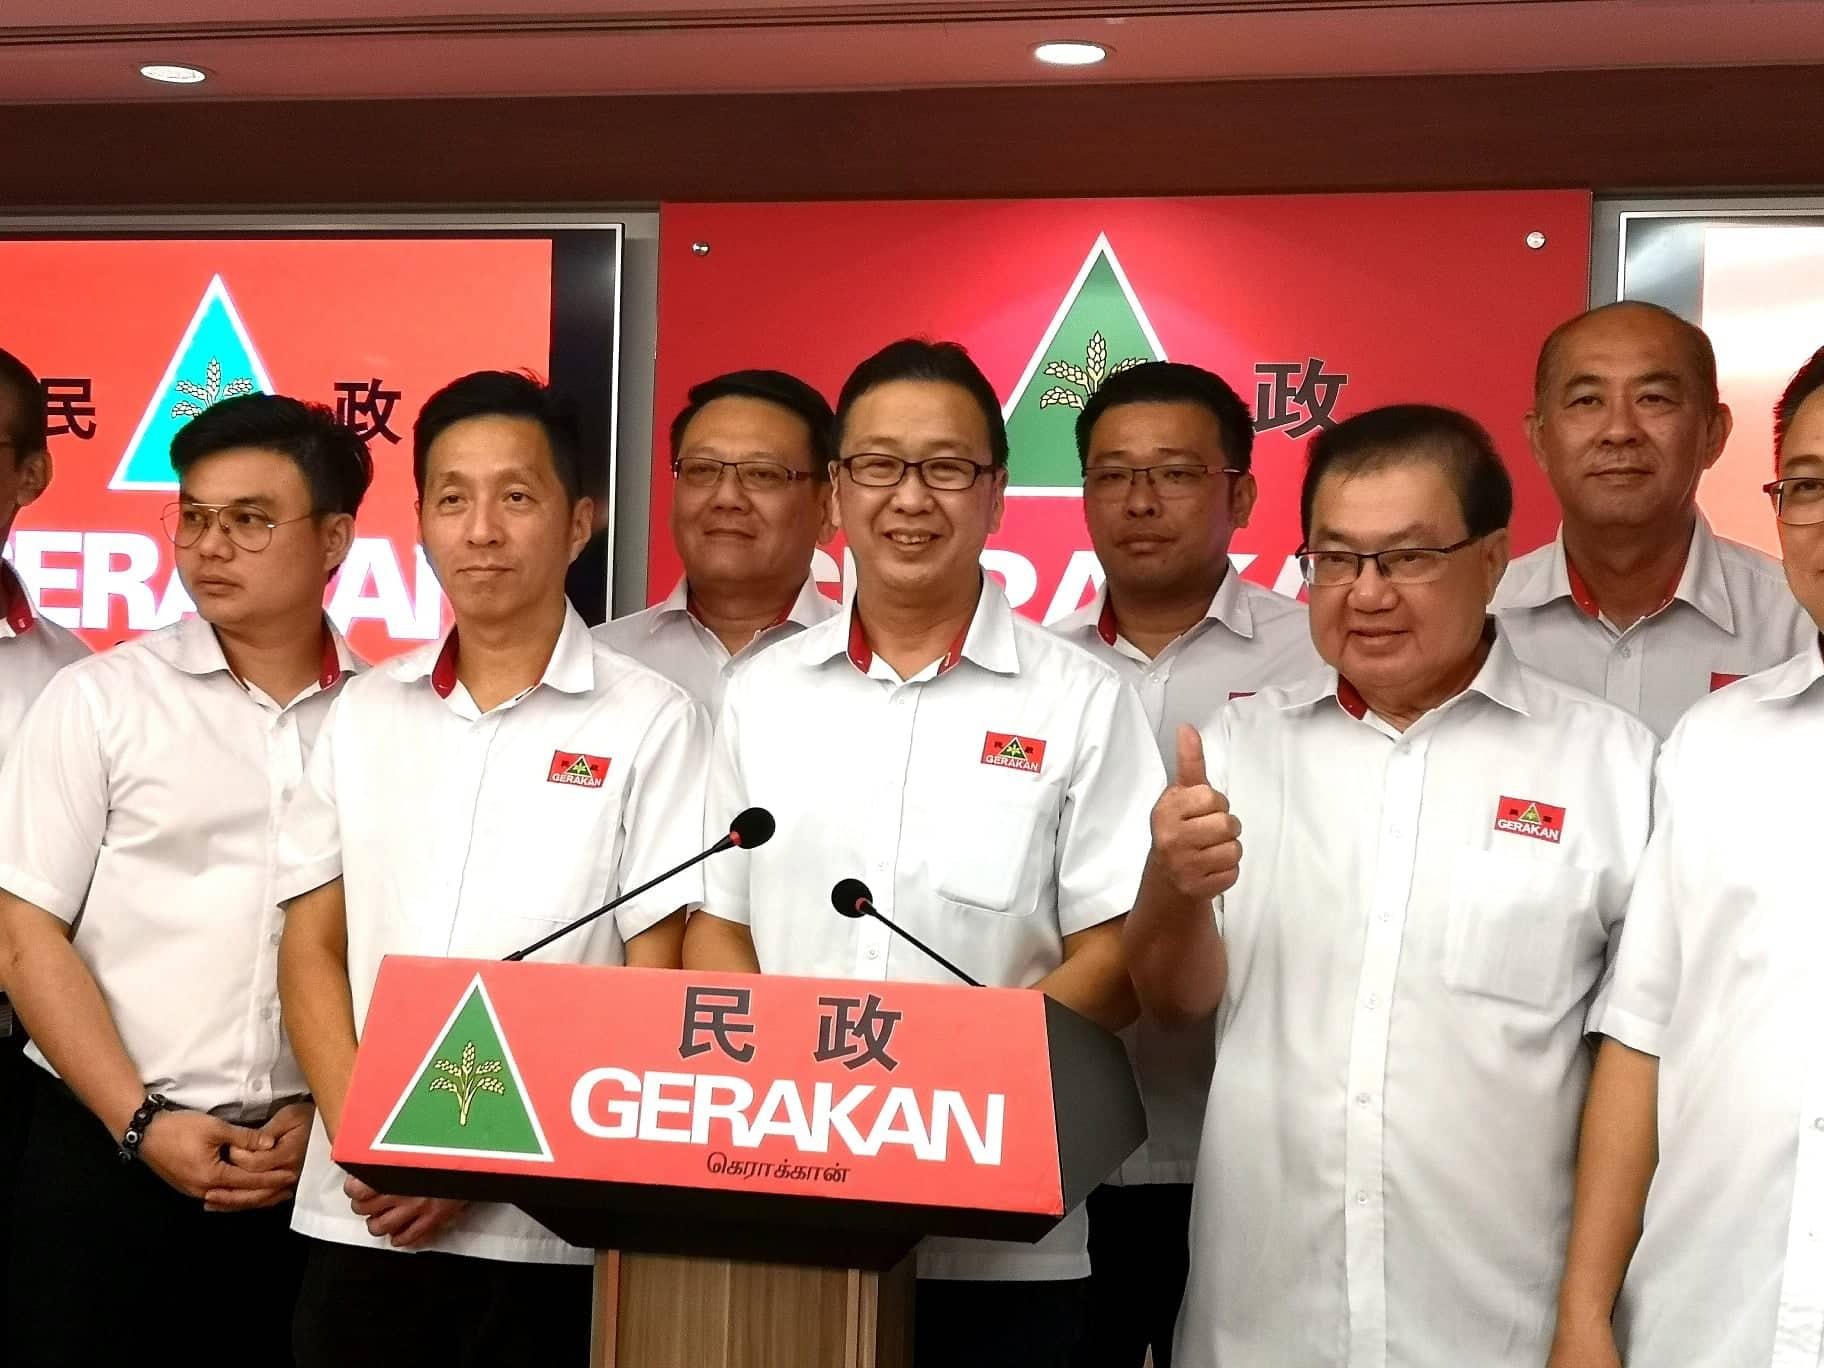 刘华才(中)宣布民政党将派员上阵丹绒比艾国席补选。-精彩大马摄-